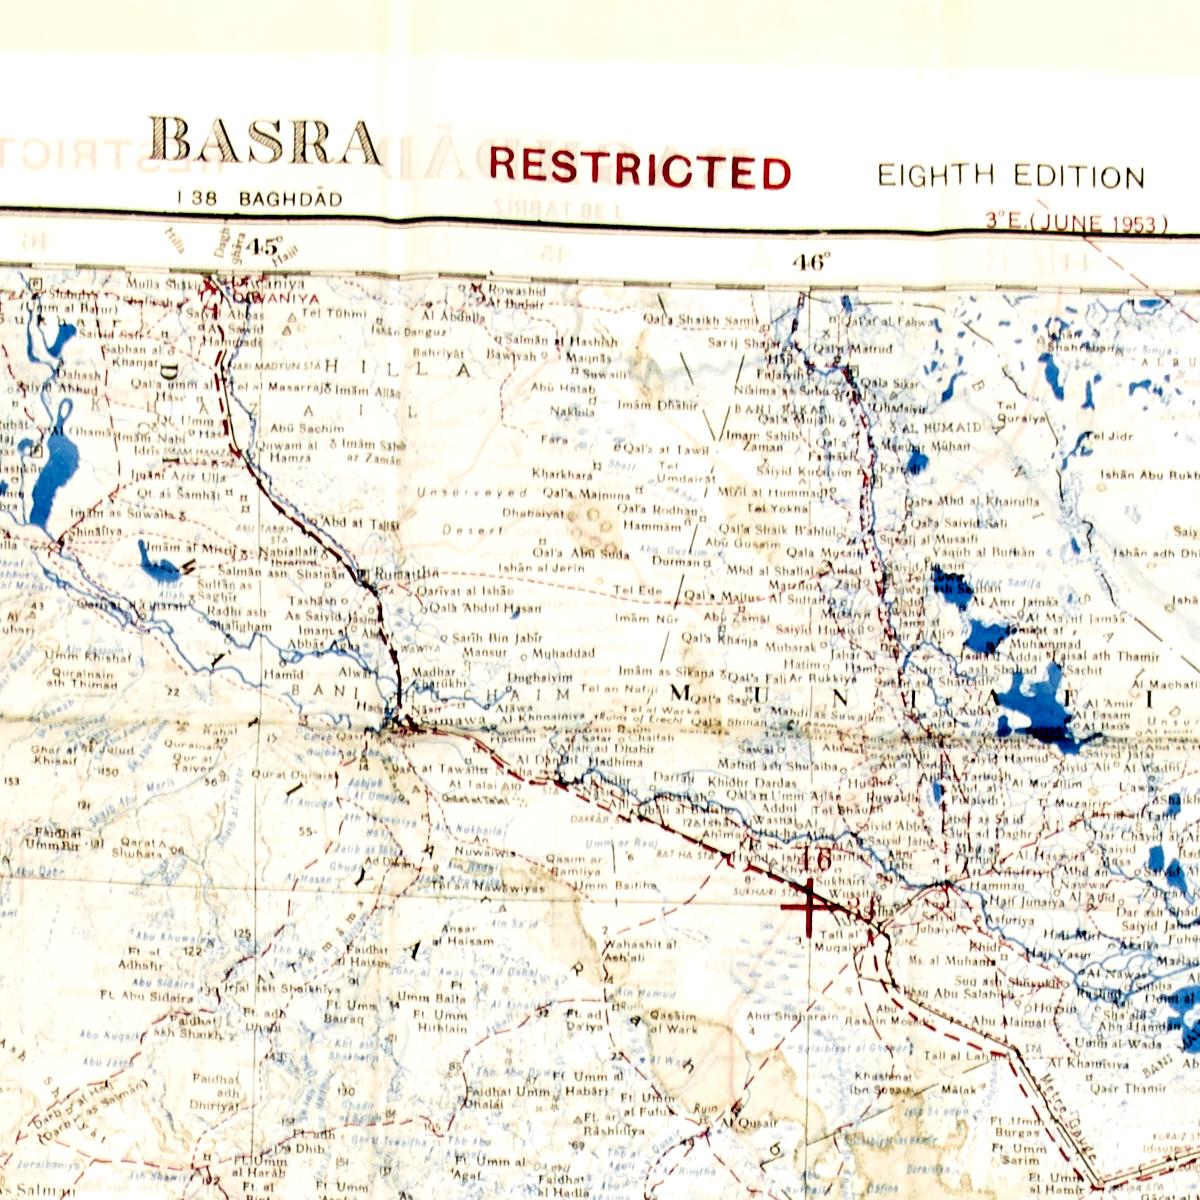 british gulf war fabric map of baghdad basra